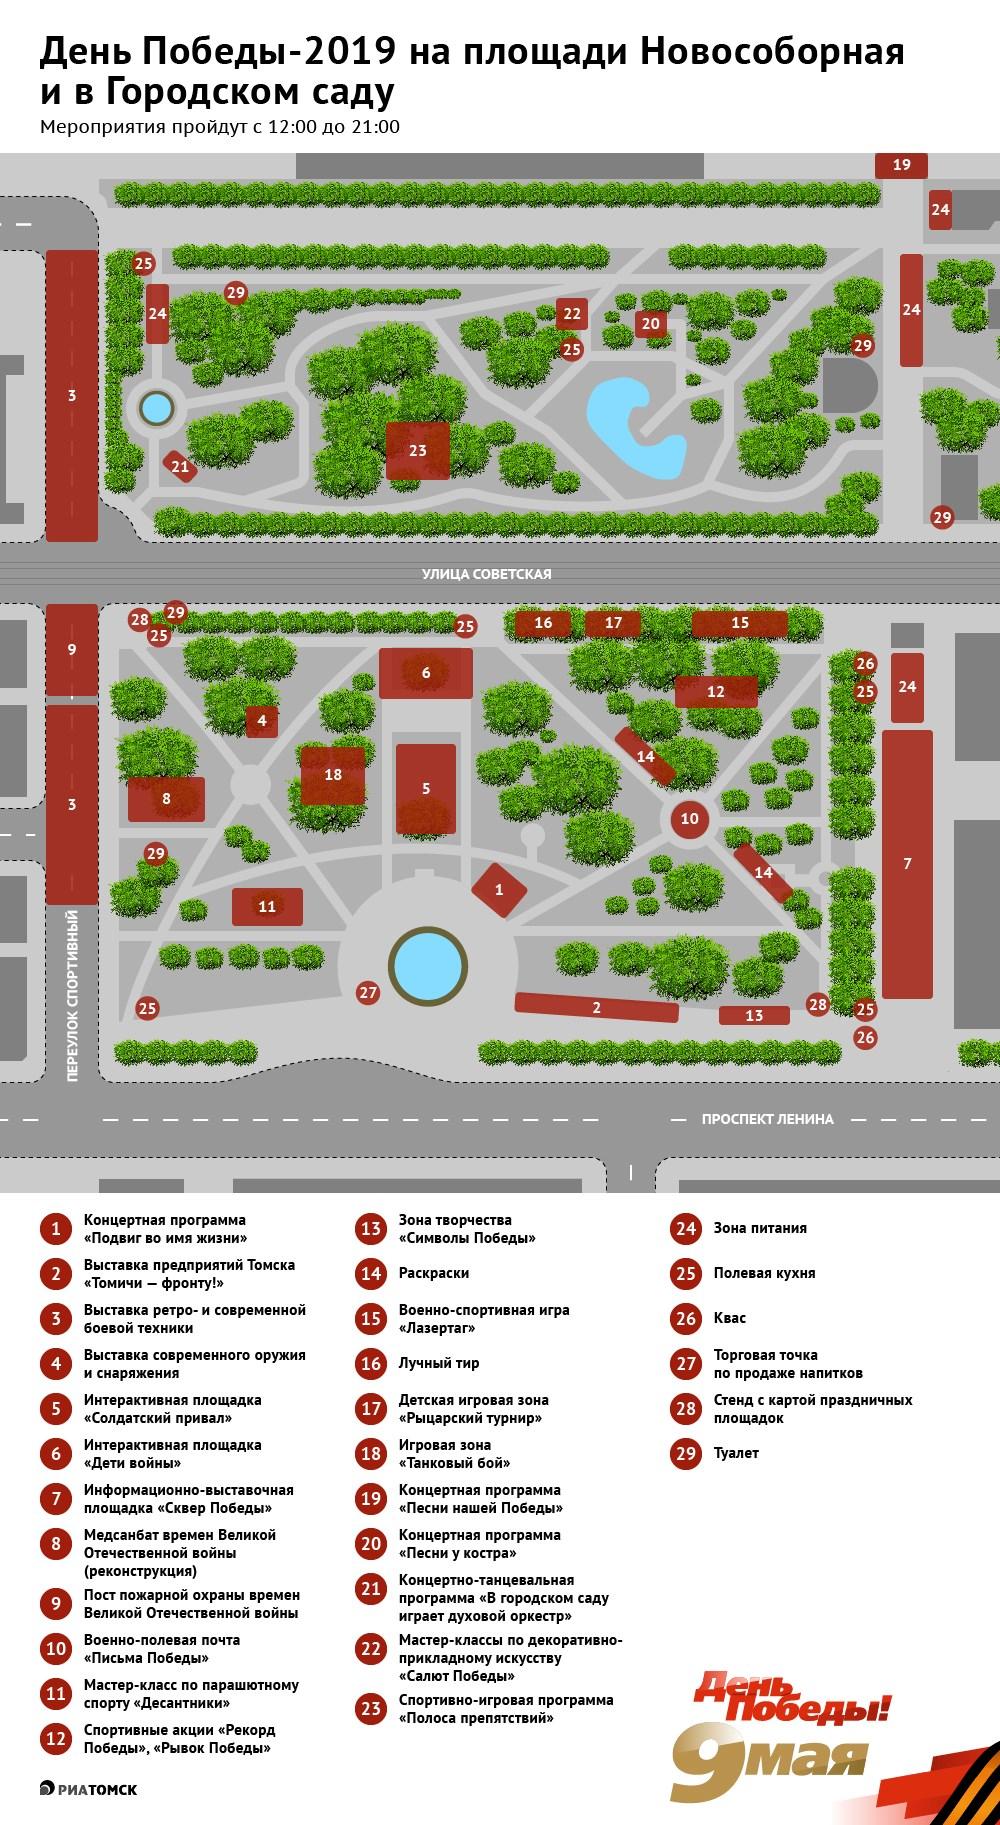 Празднование Дня Победы состоится 9 мая в Томске. После традиционного парада и праздничного шествия в центре города будет организовано множество мероприятий. Сориентироваться в многообразии площадок на Новособорной площади и в Городском саду поможет инфографика РИА Томск.